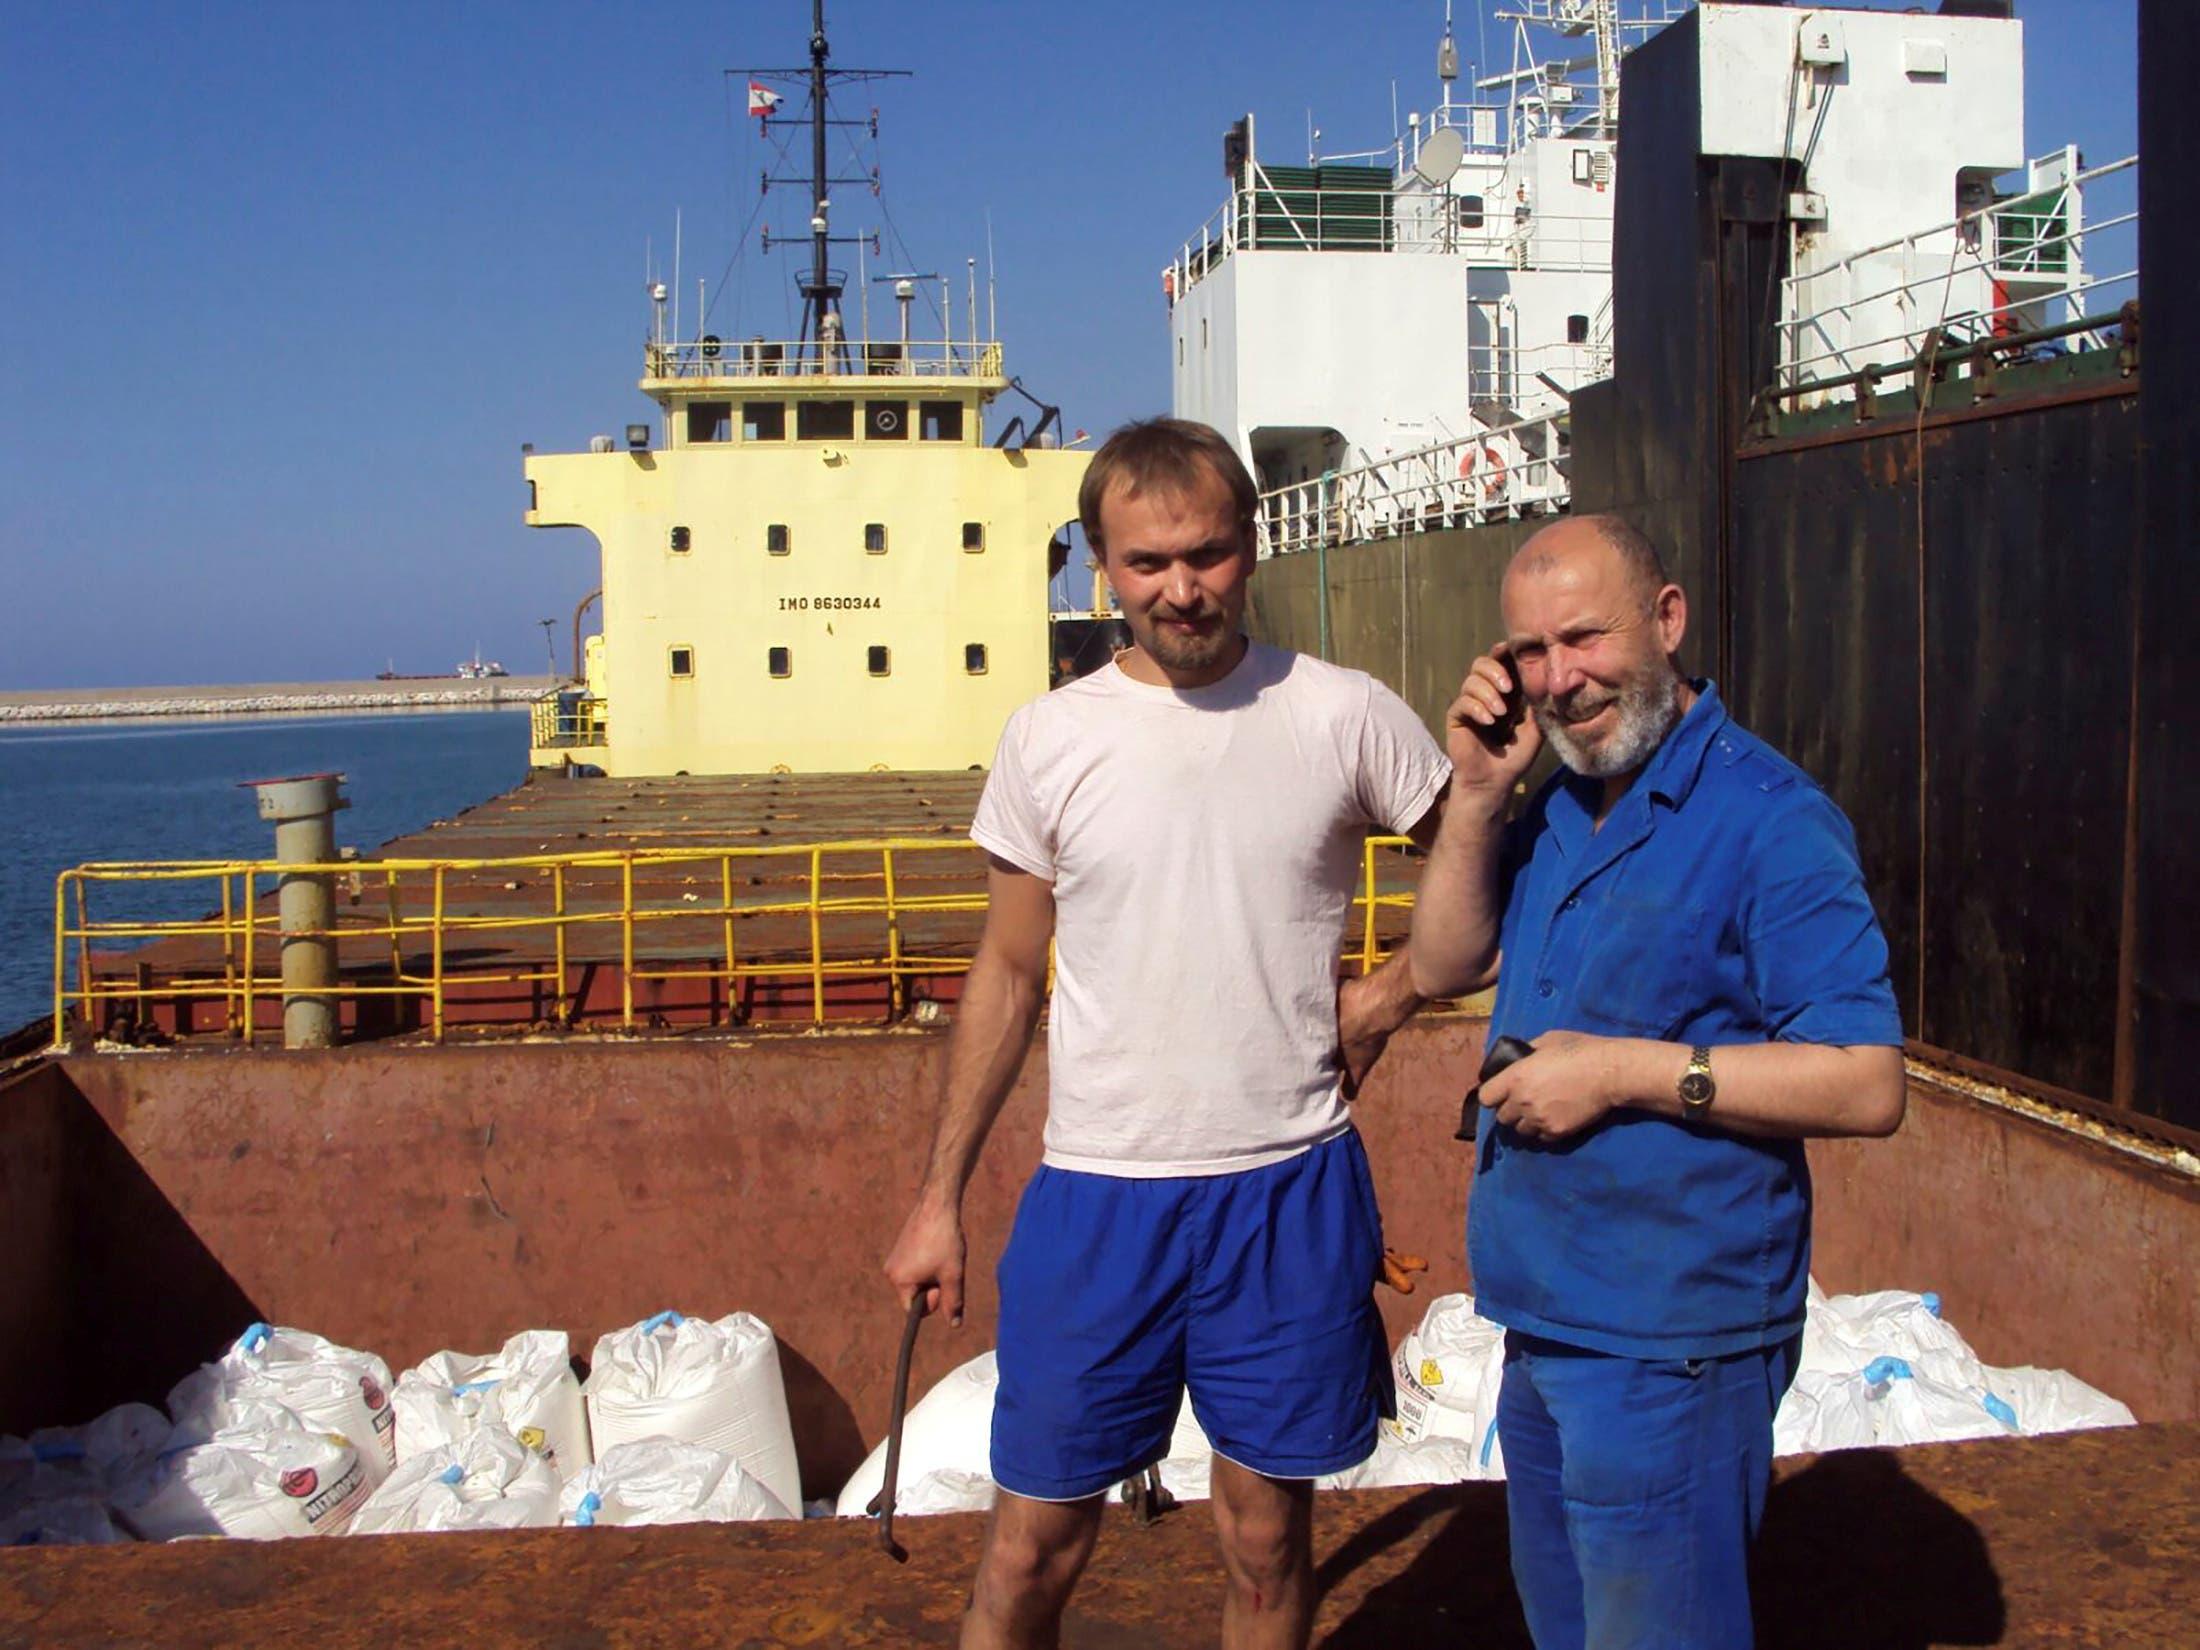 بوريس بروكوشيف ، قبطان سفينة الشحن روسوس ومعه بوريس موسينشاك يقفان بجوار منطقة شحن في بيروت